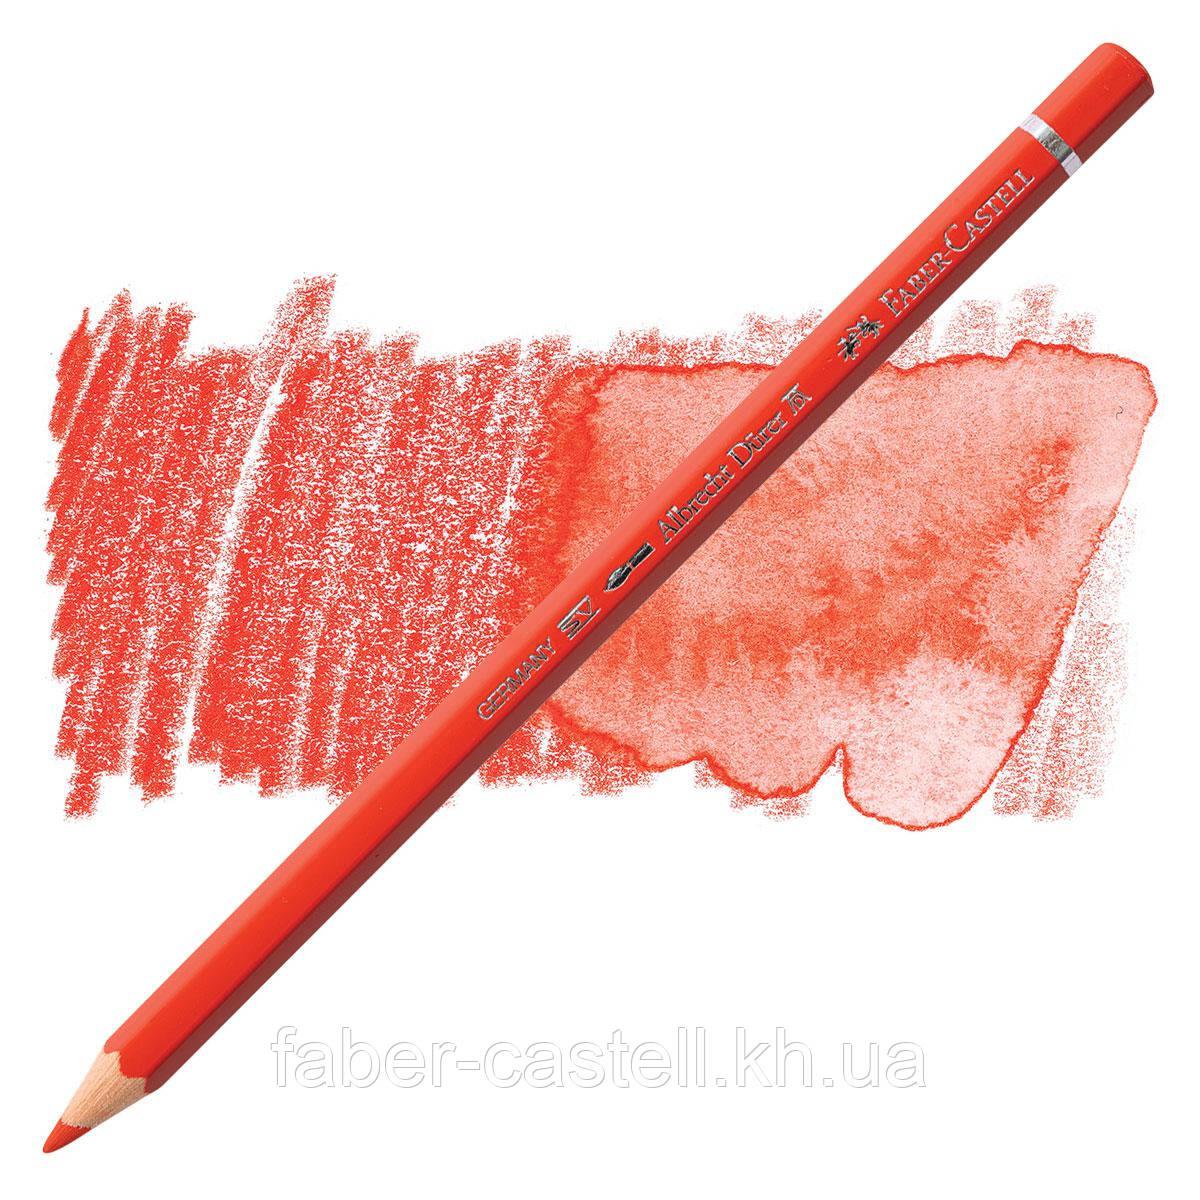 Карандаш акварельный цветной Faber-Castell A. Dürer светло-кадмиевый оранжевый (Light Cadmium Red)  № 117